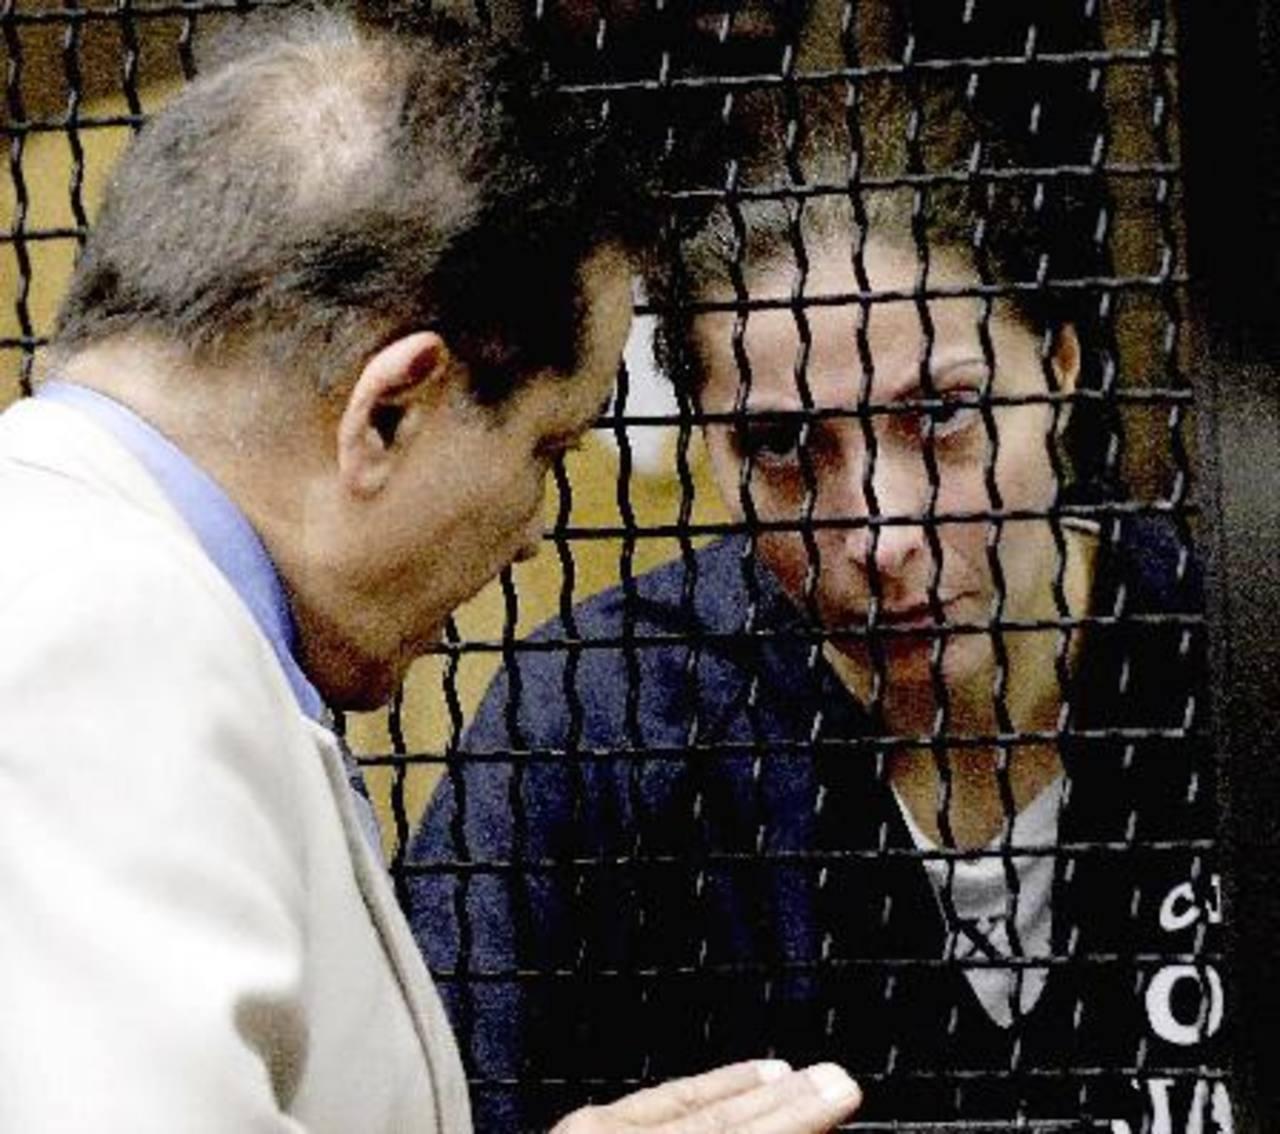 EEUU: Princesa saudí acusada de trata de personas